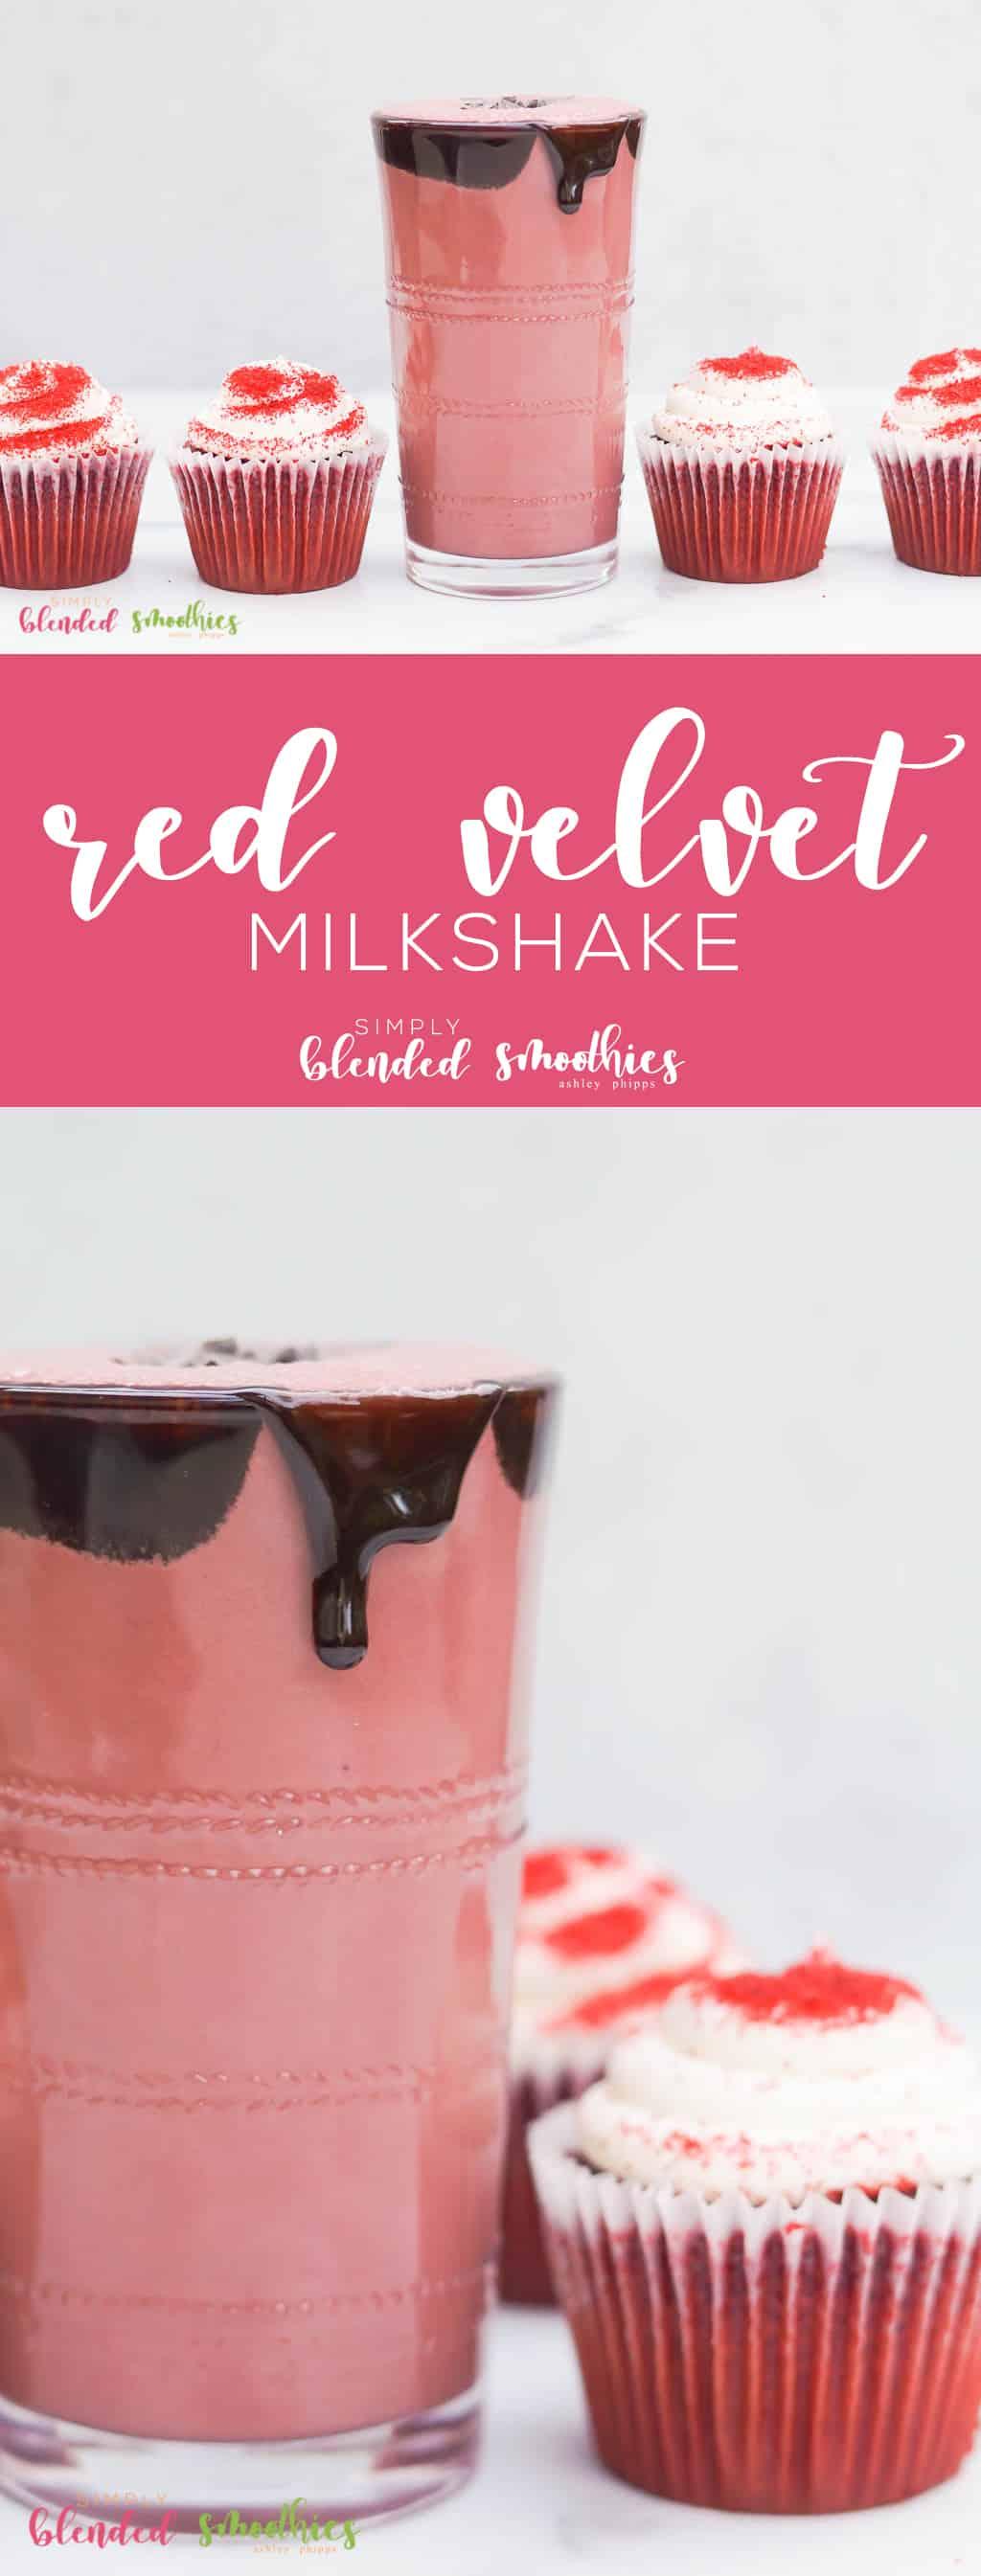 Red Velvet Milkshake Recipe